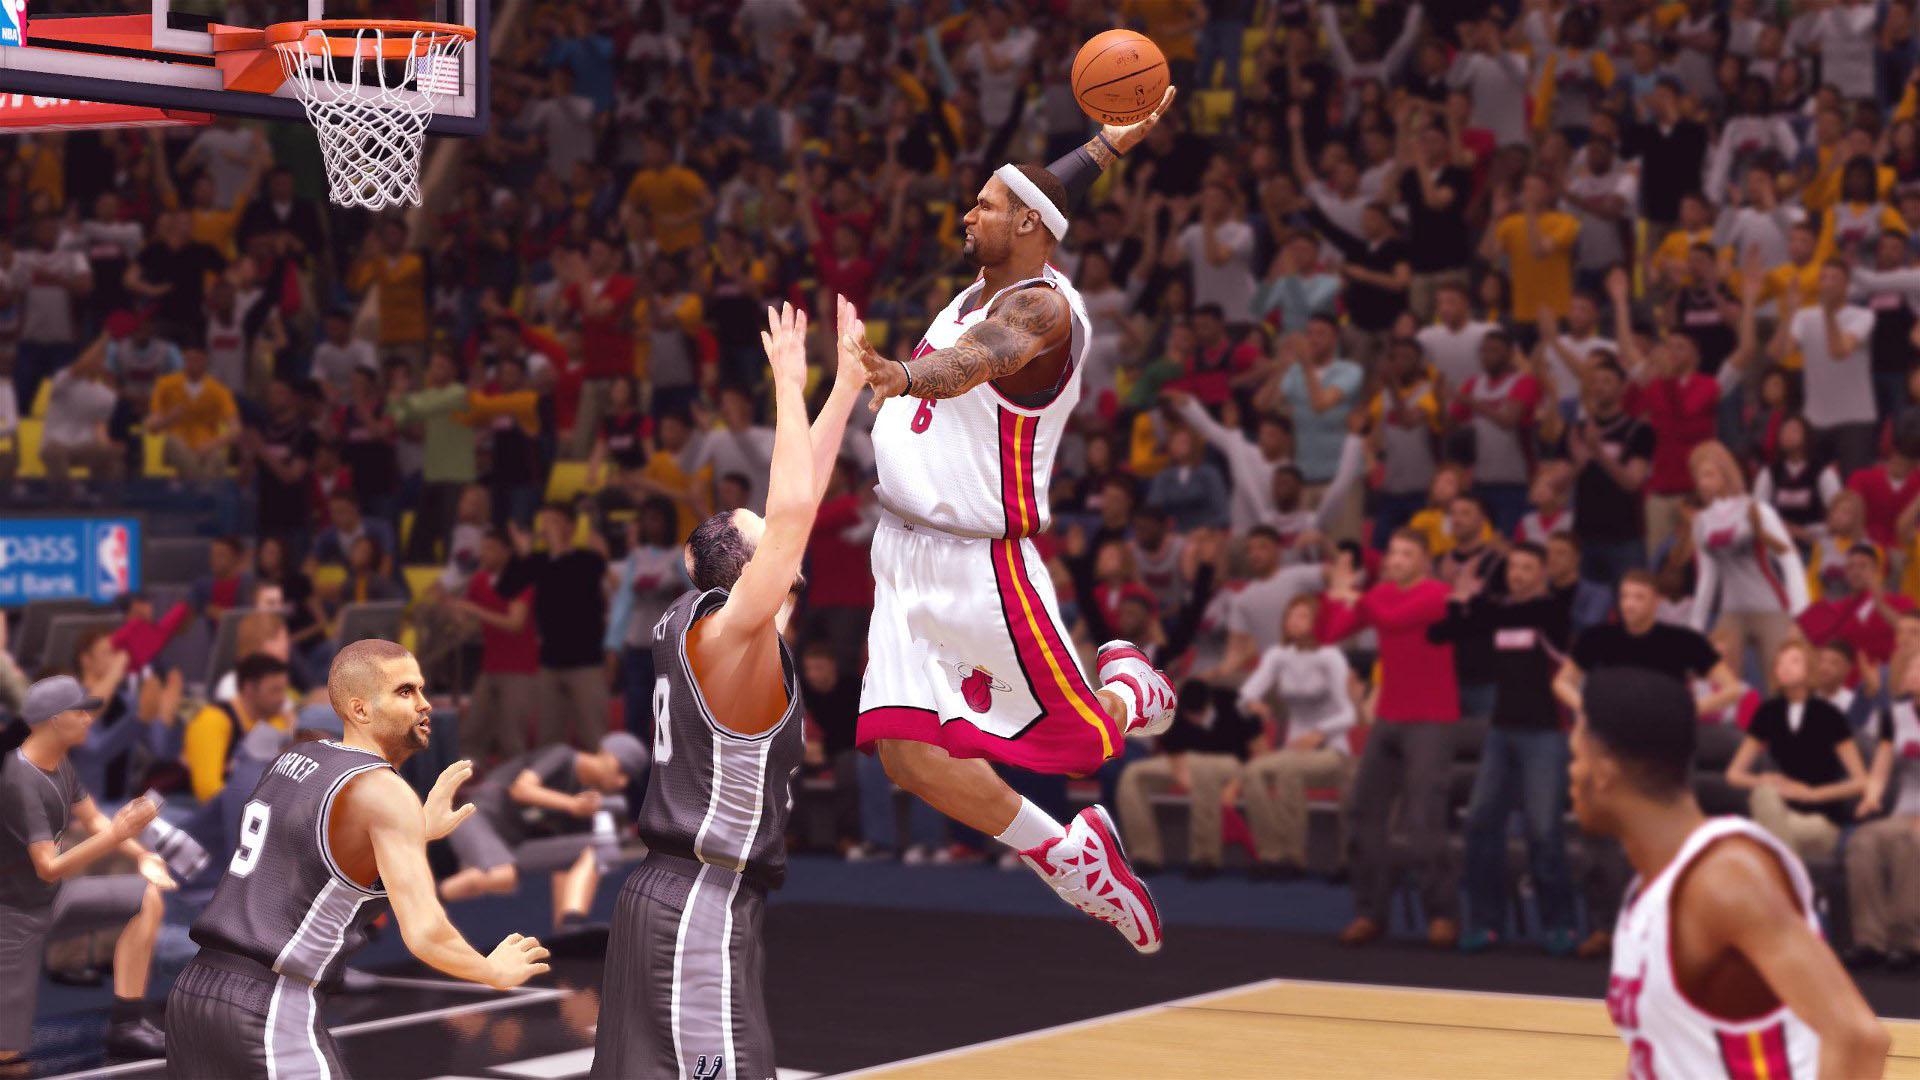 LeBron James dunking Miami Heat NBA 2K14   1920x1080   Full HD 169 1920x1080